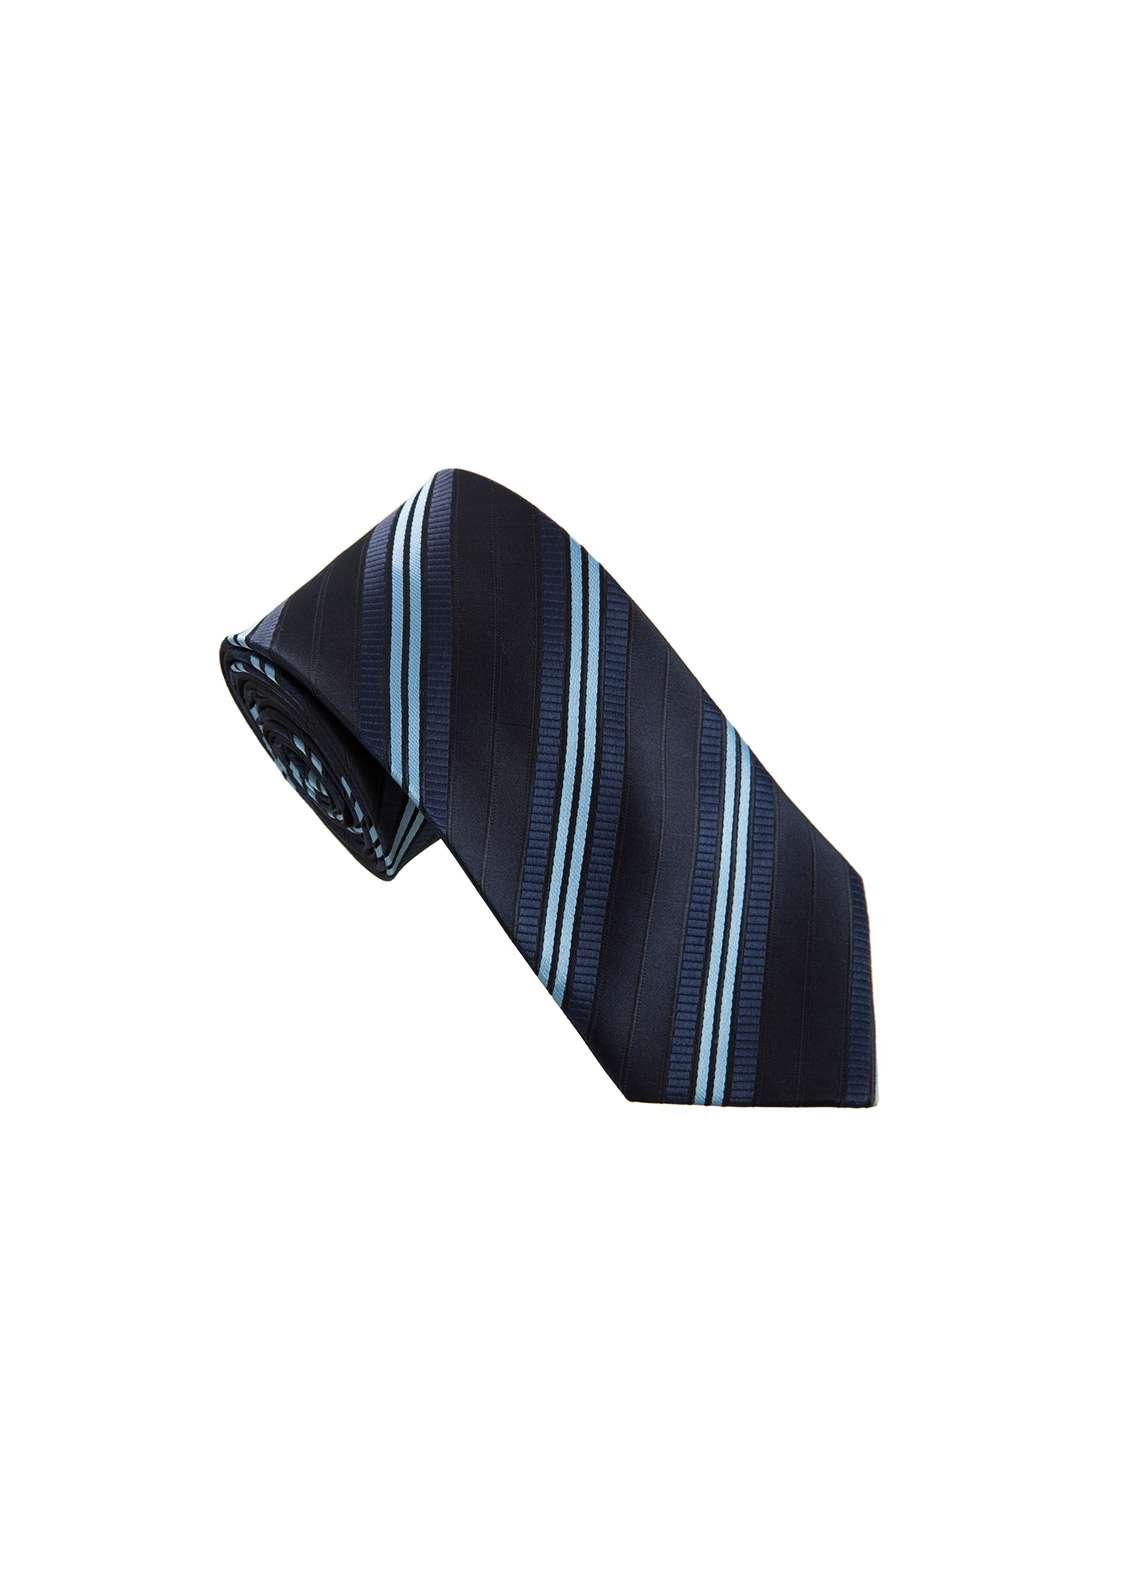 The Gentlemen's Club Blue Striped Silk Men's Ties